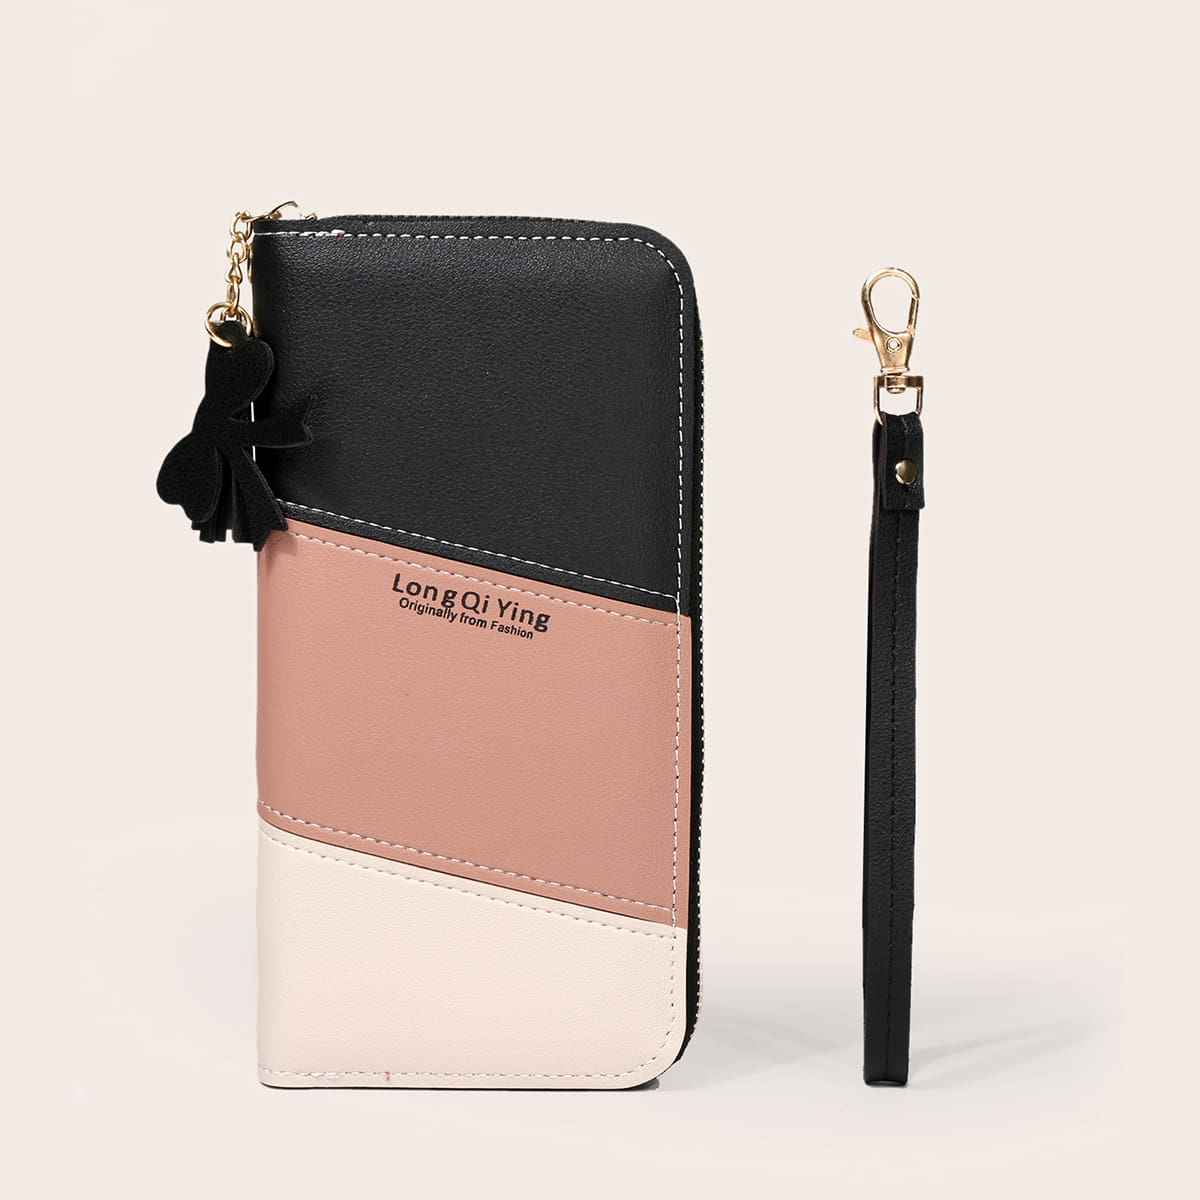 Geldbörse mit Quasten Dekor & Armband